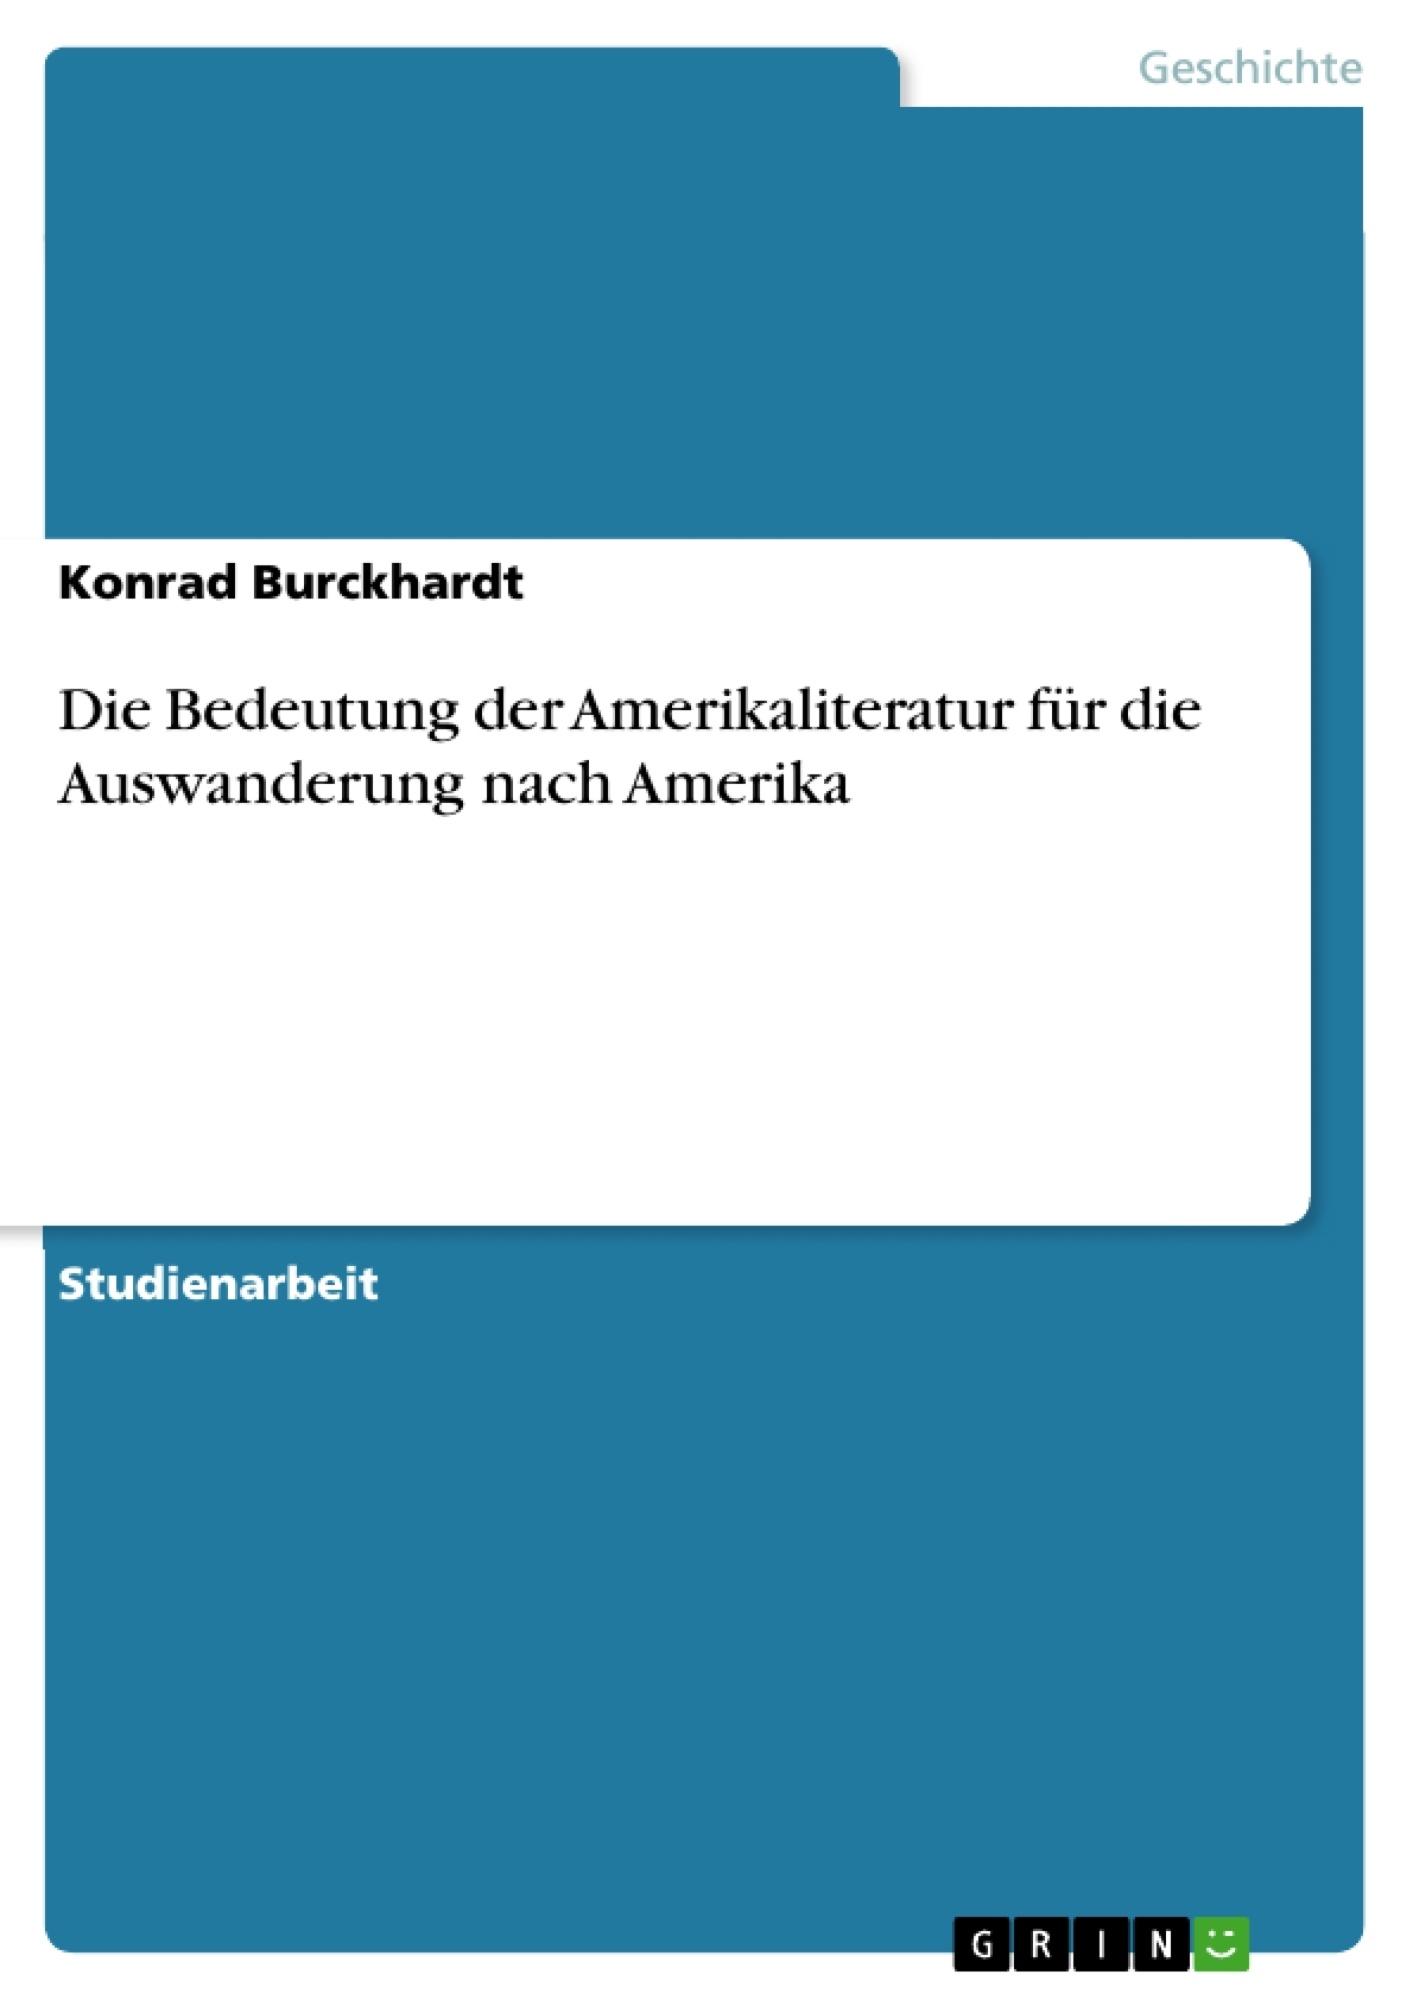 Titel: Die Bedeutung der Amerikaliteratur für die Auswanderung nach Amerika